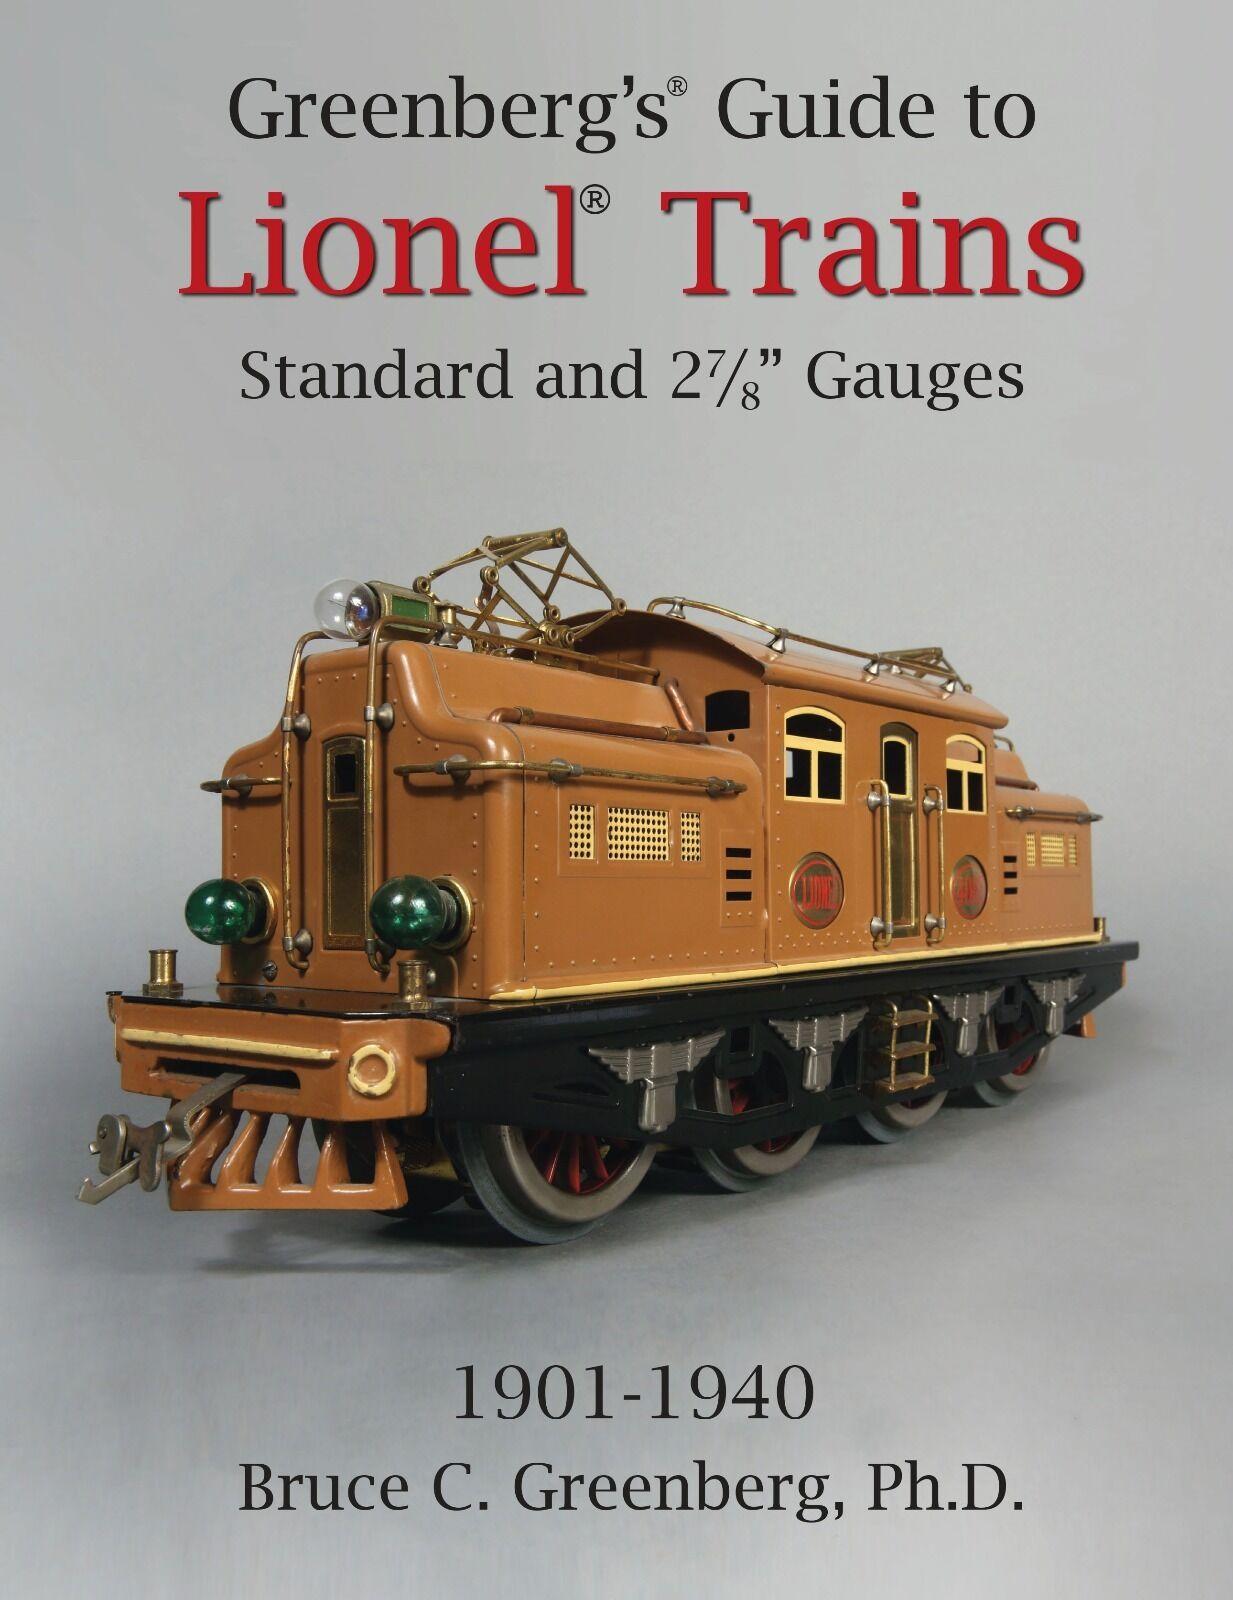 verdeberg's Guide To Lionel estándar y 2-7 8 Calibres 1901-1940 2014 Edición.